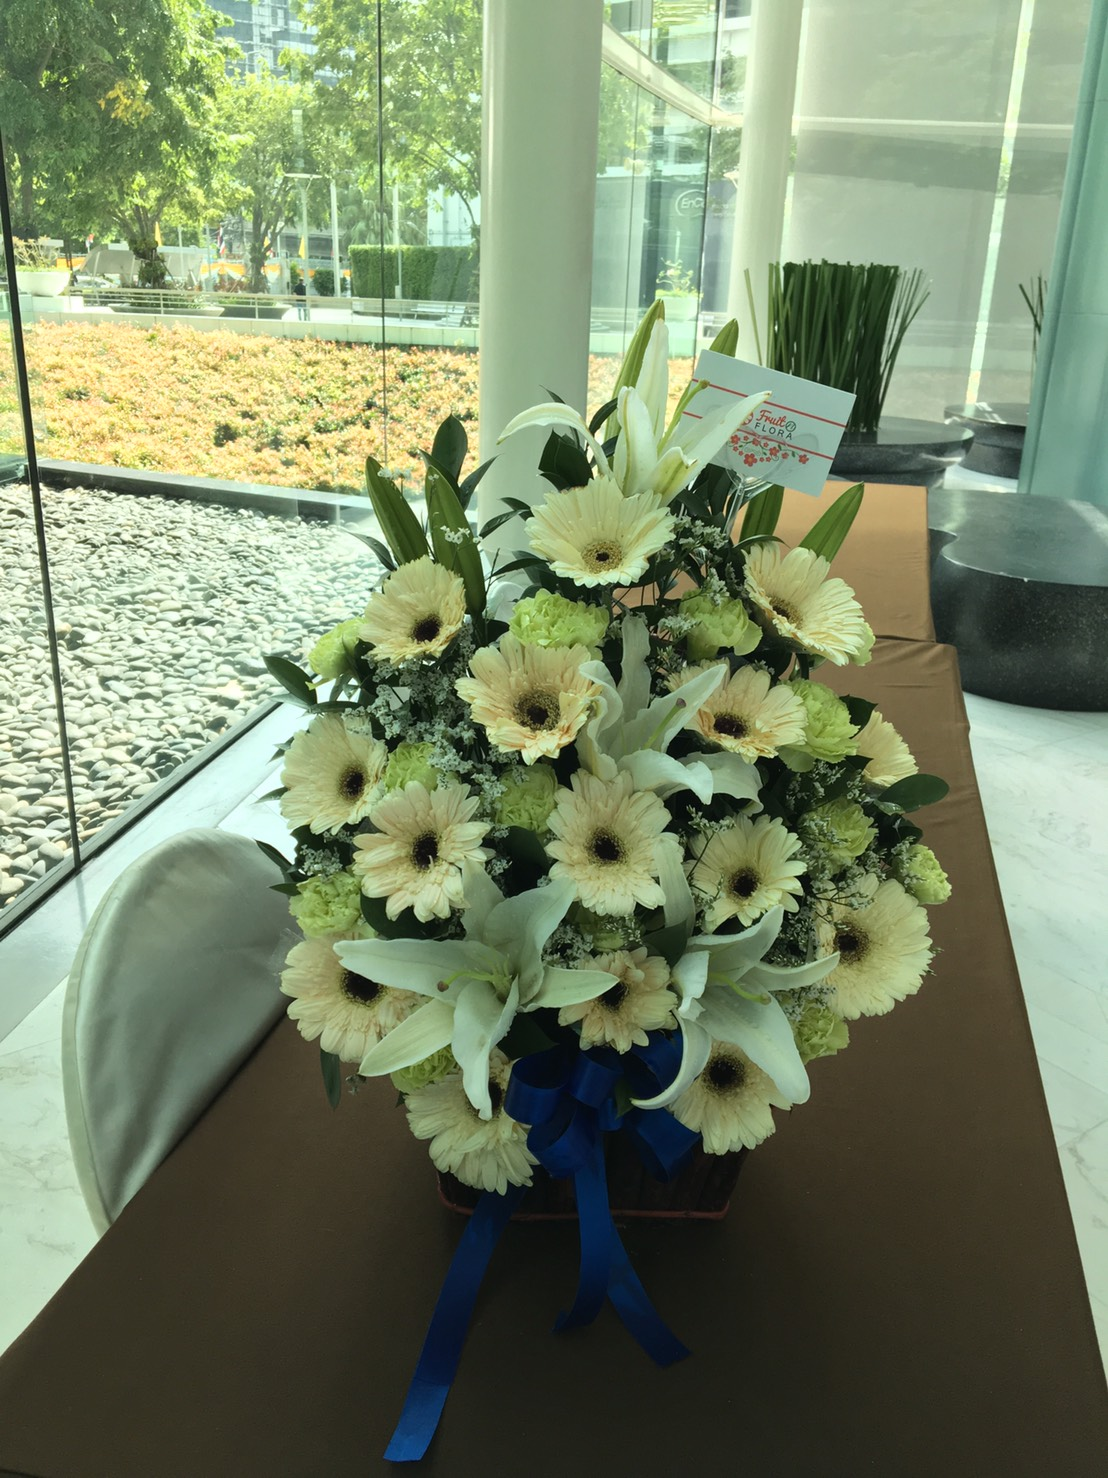 กระเช้าดอกไม้สีขาวบริสุทธิ์ แทนความจริงใจจากผู้มอบที่ส่งถึงผู้รับนะคะ